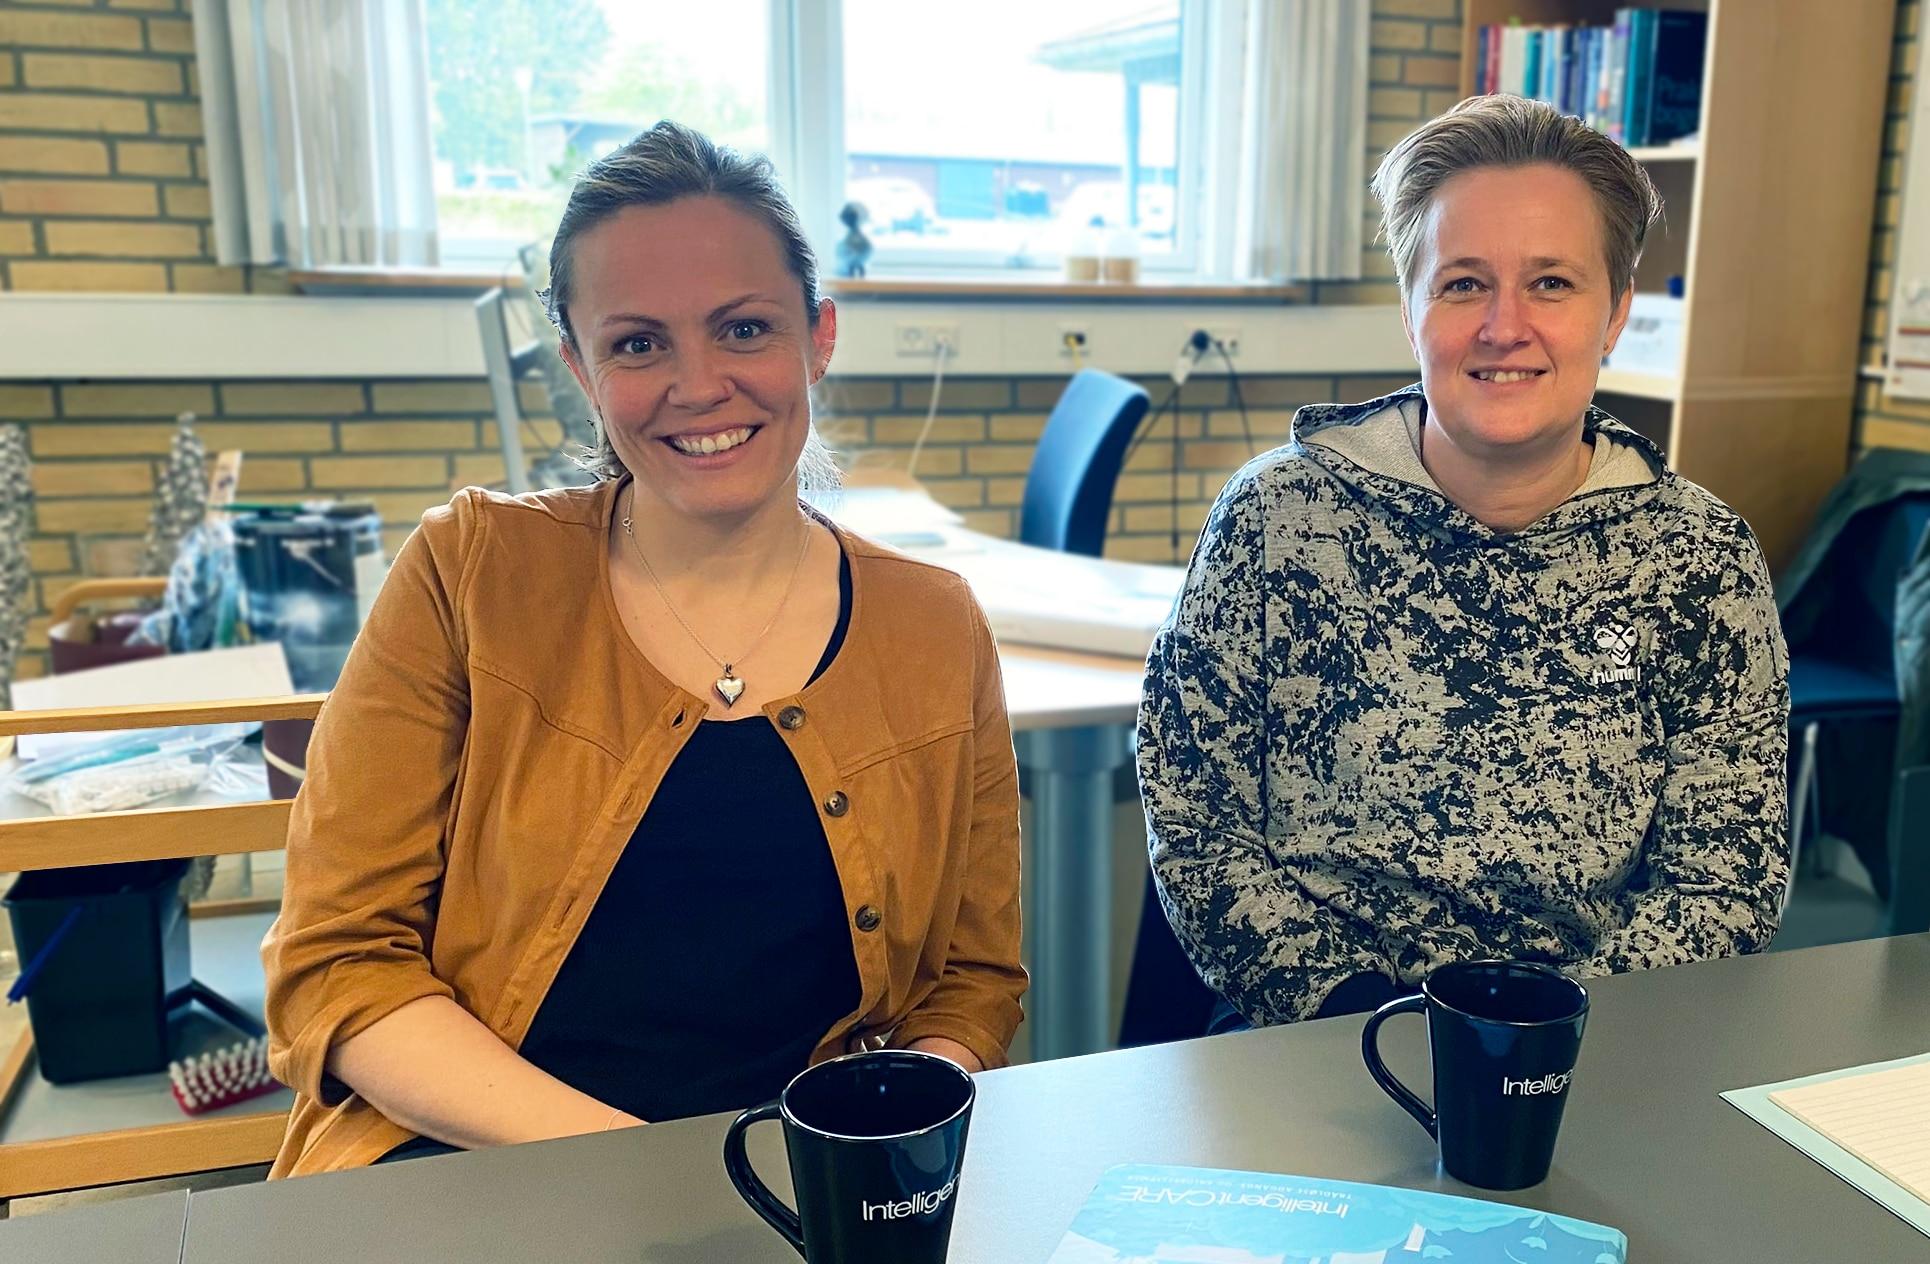 IntelligentCARE installere kaldesystem og demenssikring på Sandbjerg plejecenter